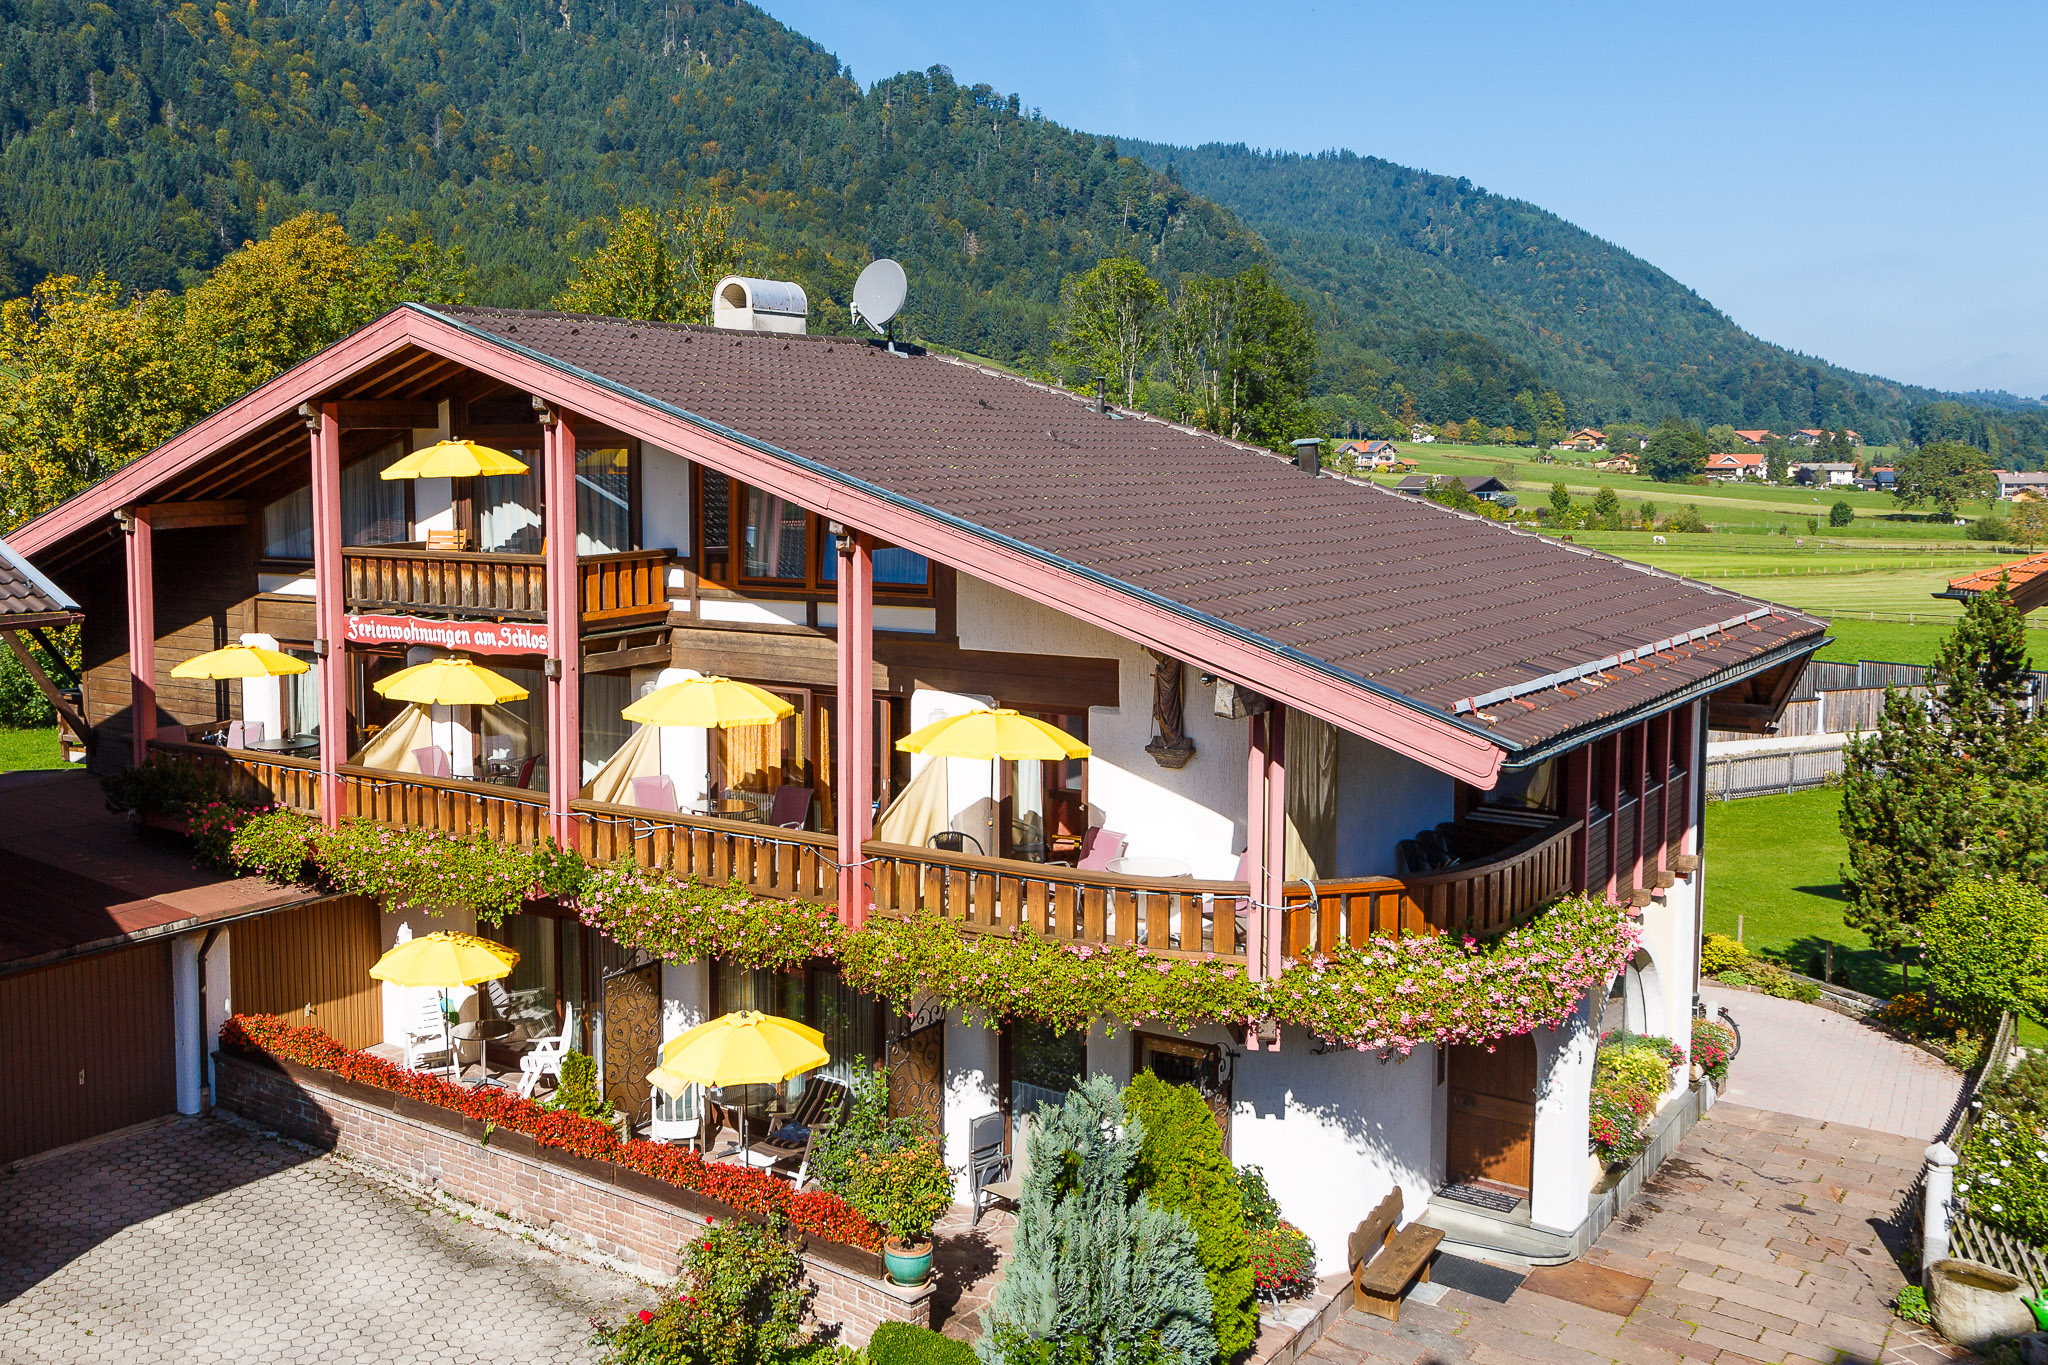 Ferienwohnungen am Schloss (DE Ruhpolding). G. Ferienwohnung -Superior- (40-45qm),  Balkon o. Terrasse, Kochnische, 1 Schlaf- und 1 Wohnzimmer, Komfor